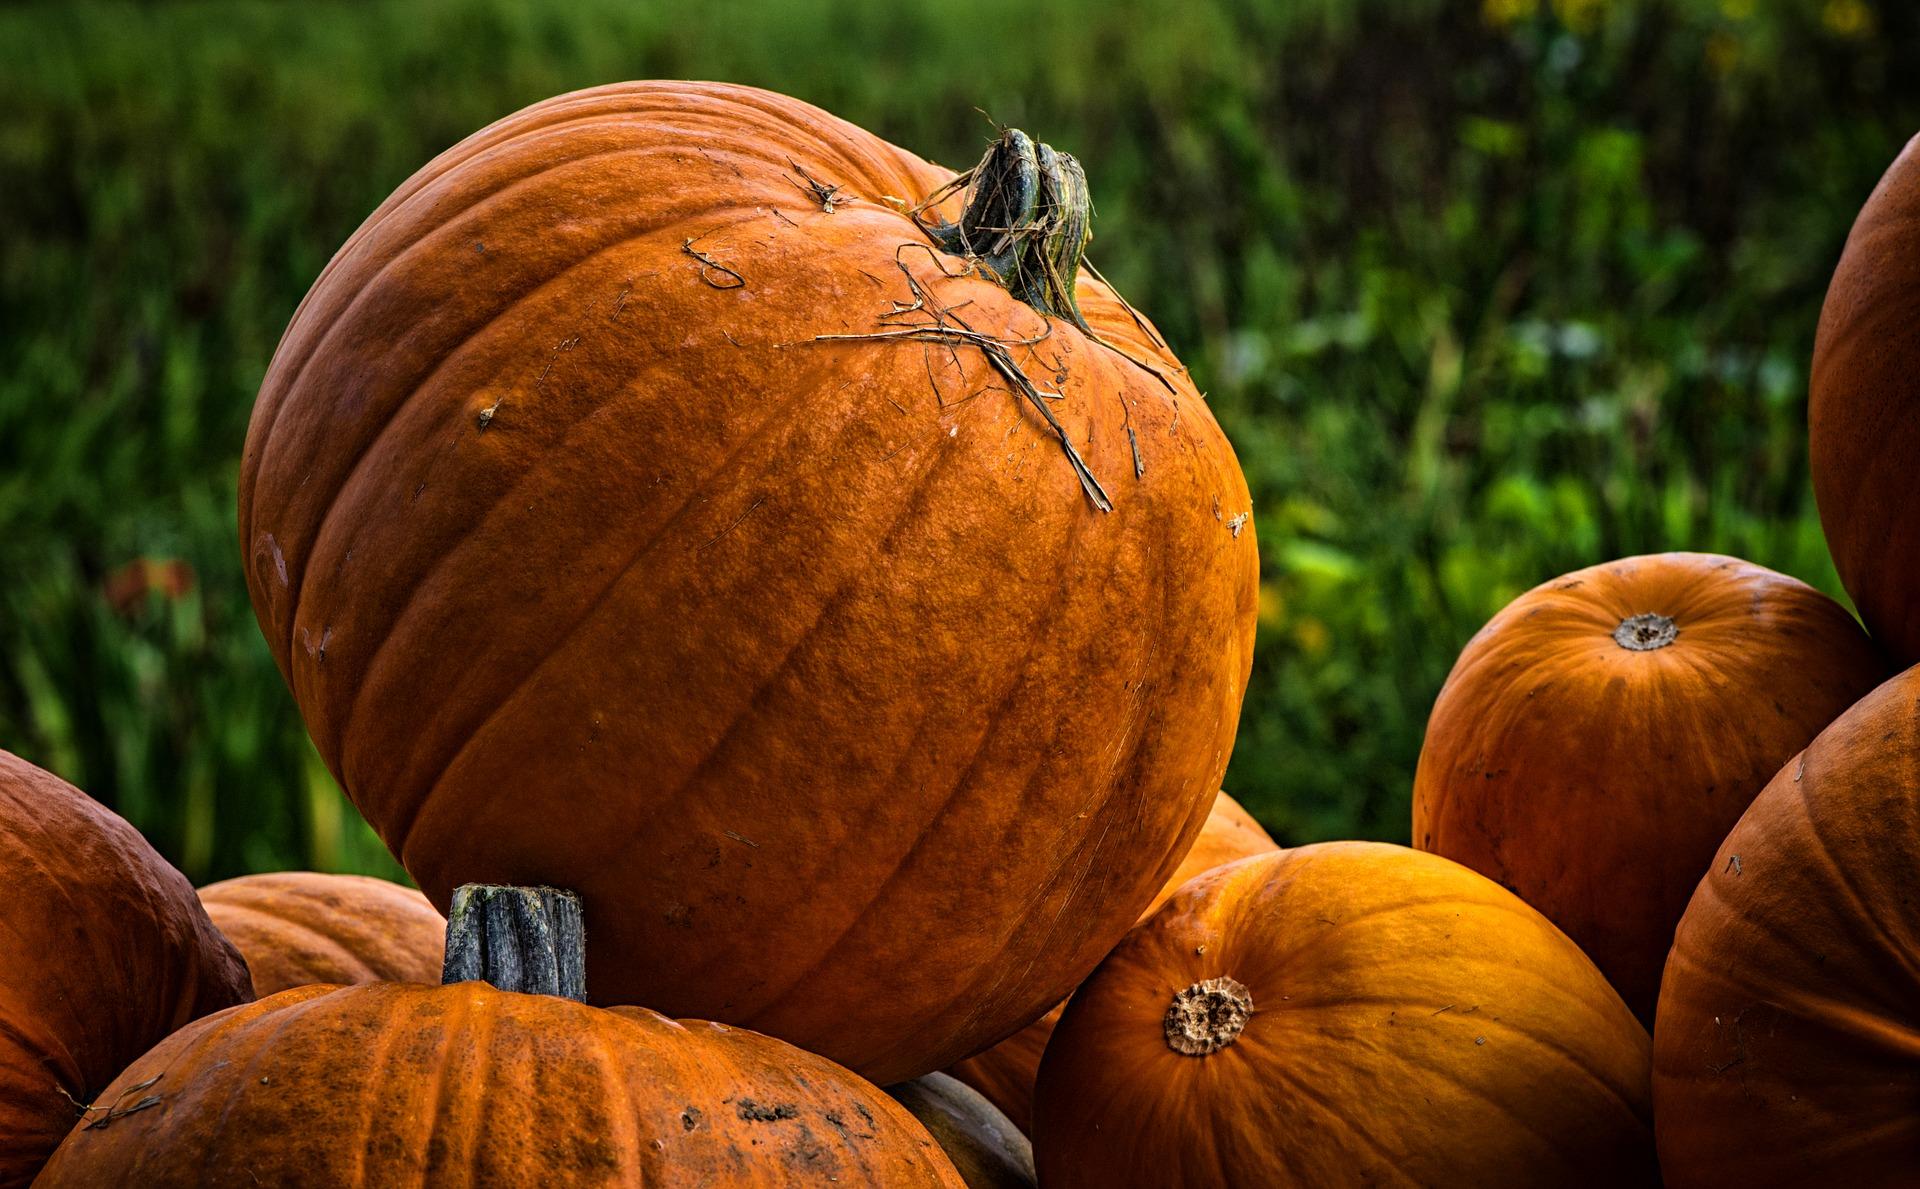 Octubre en la huerta: Recoger calabazas